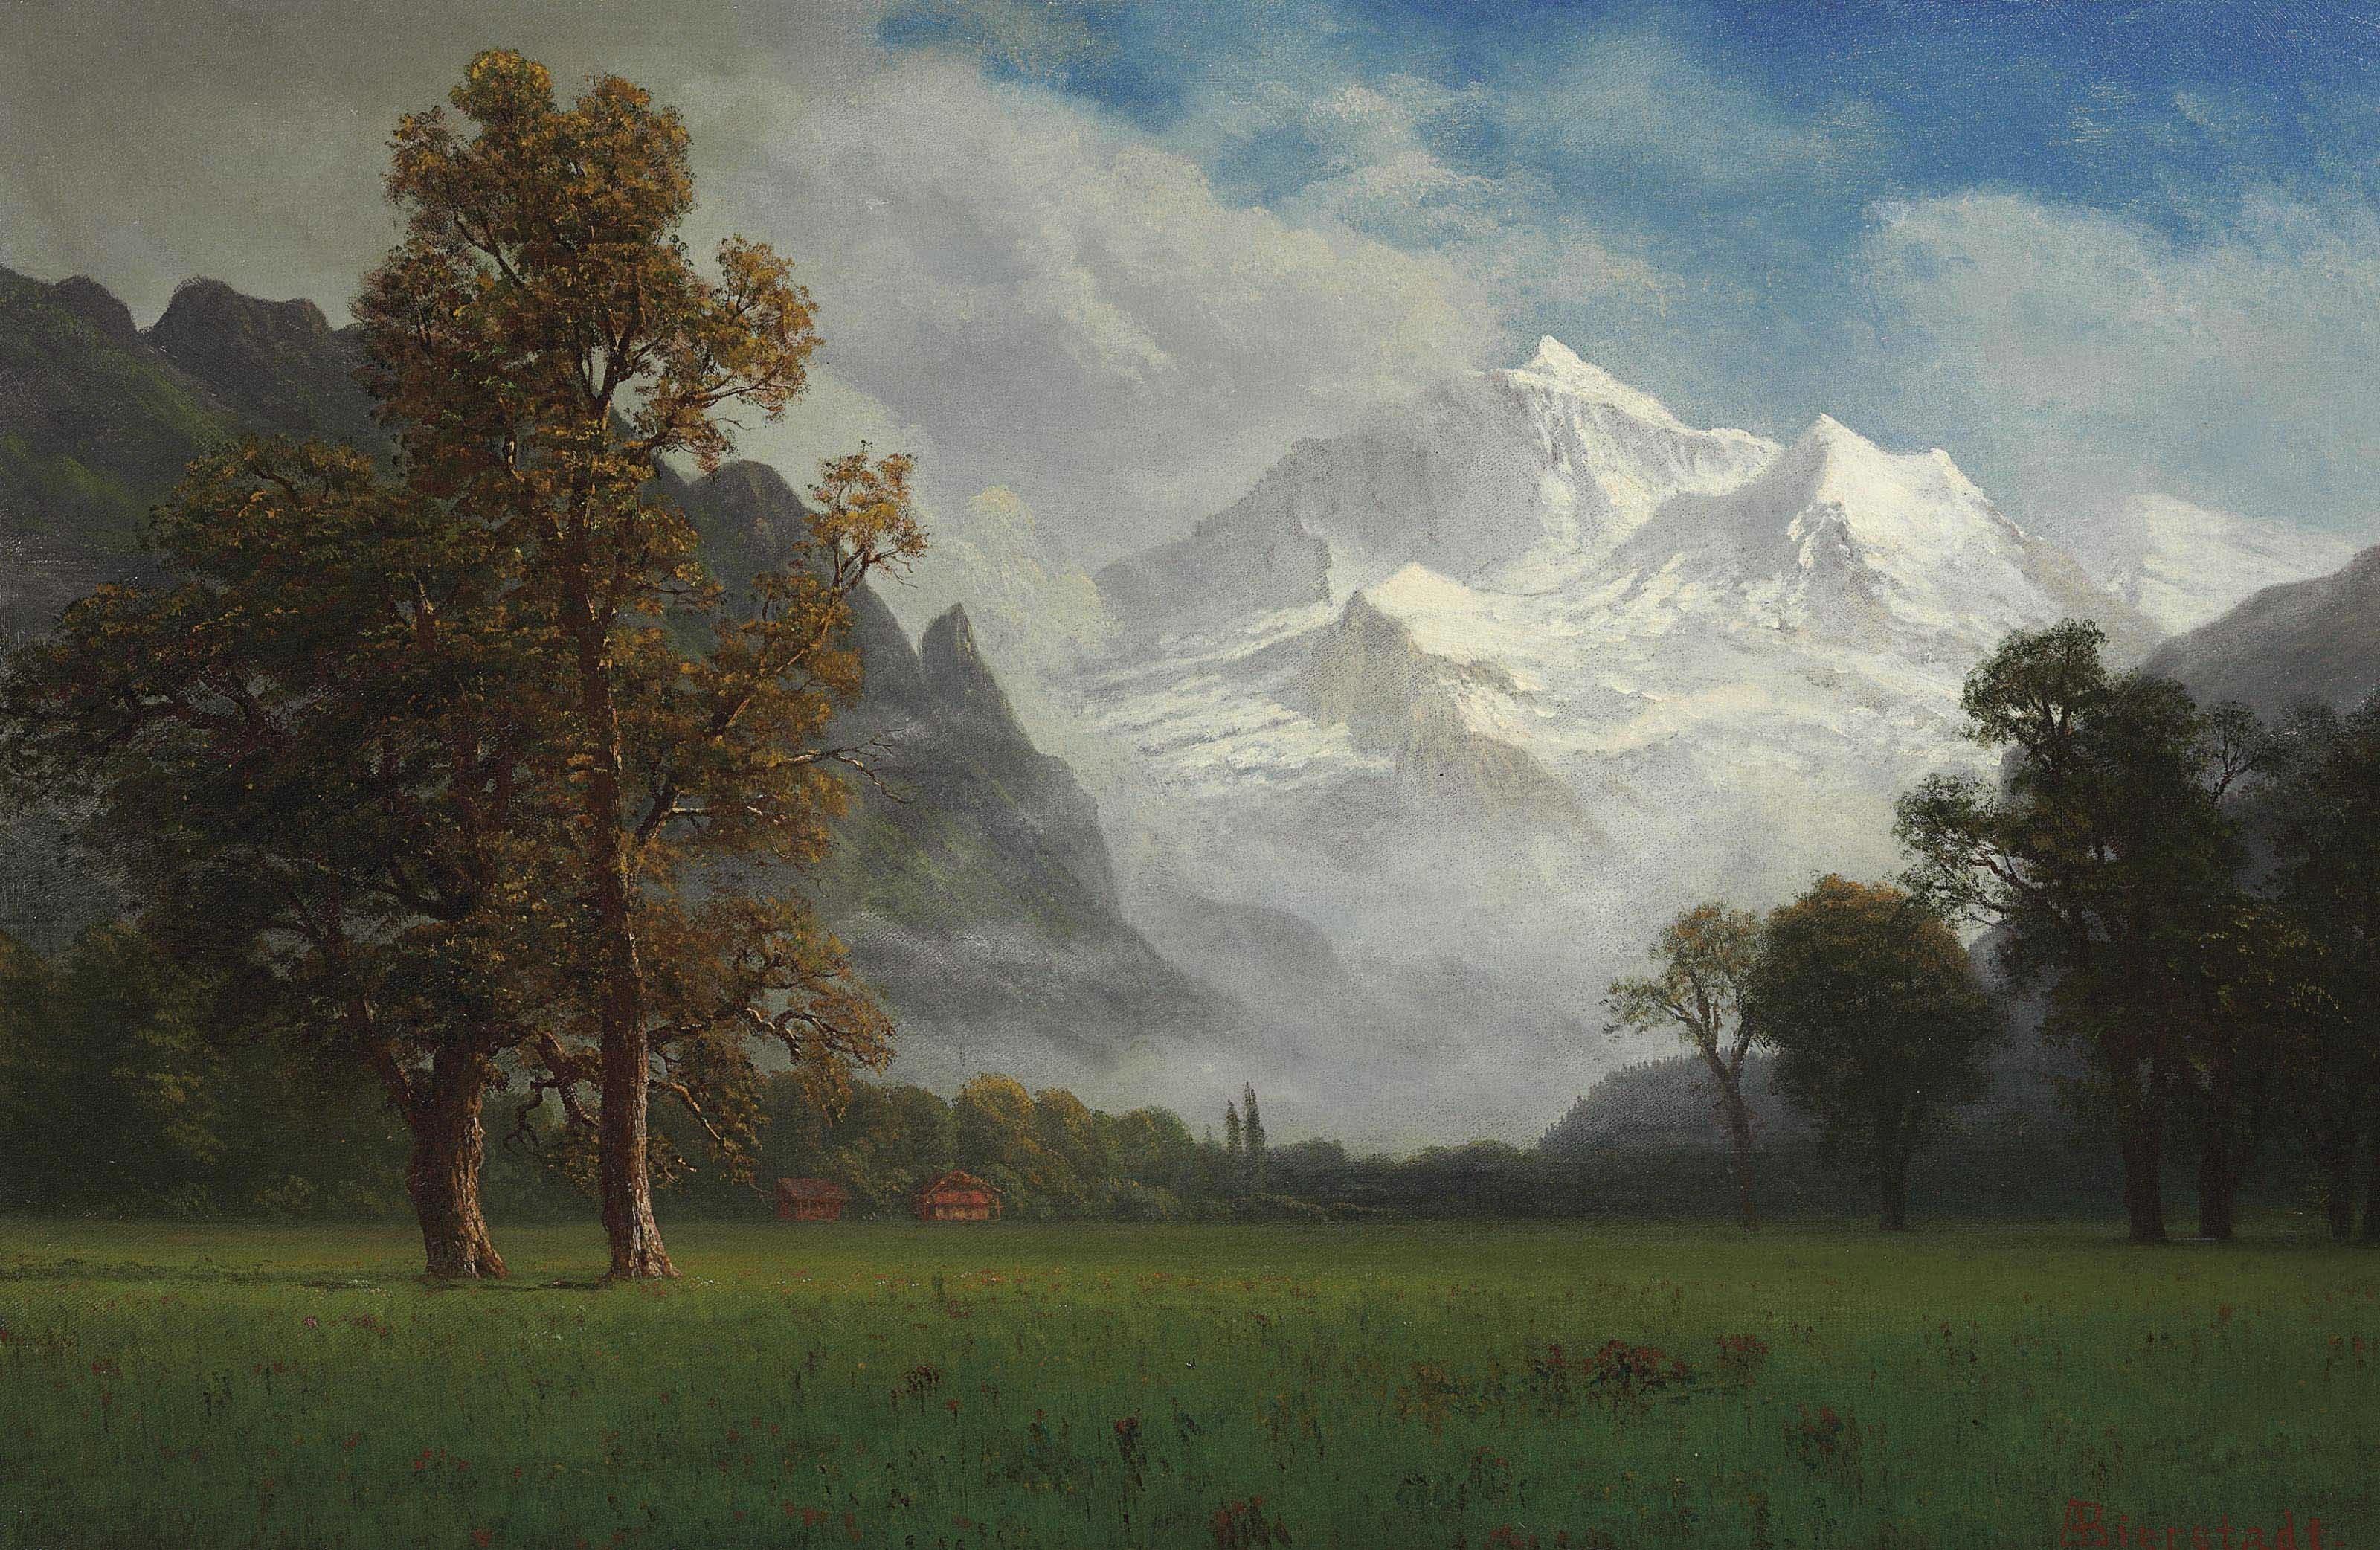 File:Albert Bierstadt - Jungfrau.jpg - Wikimedia Commons